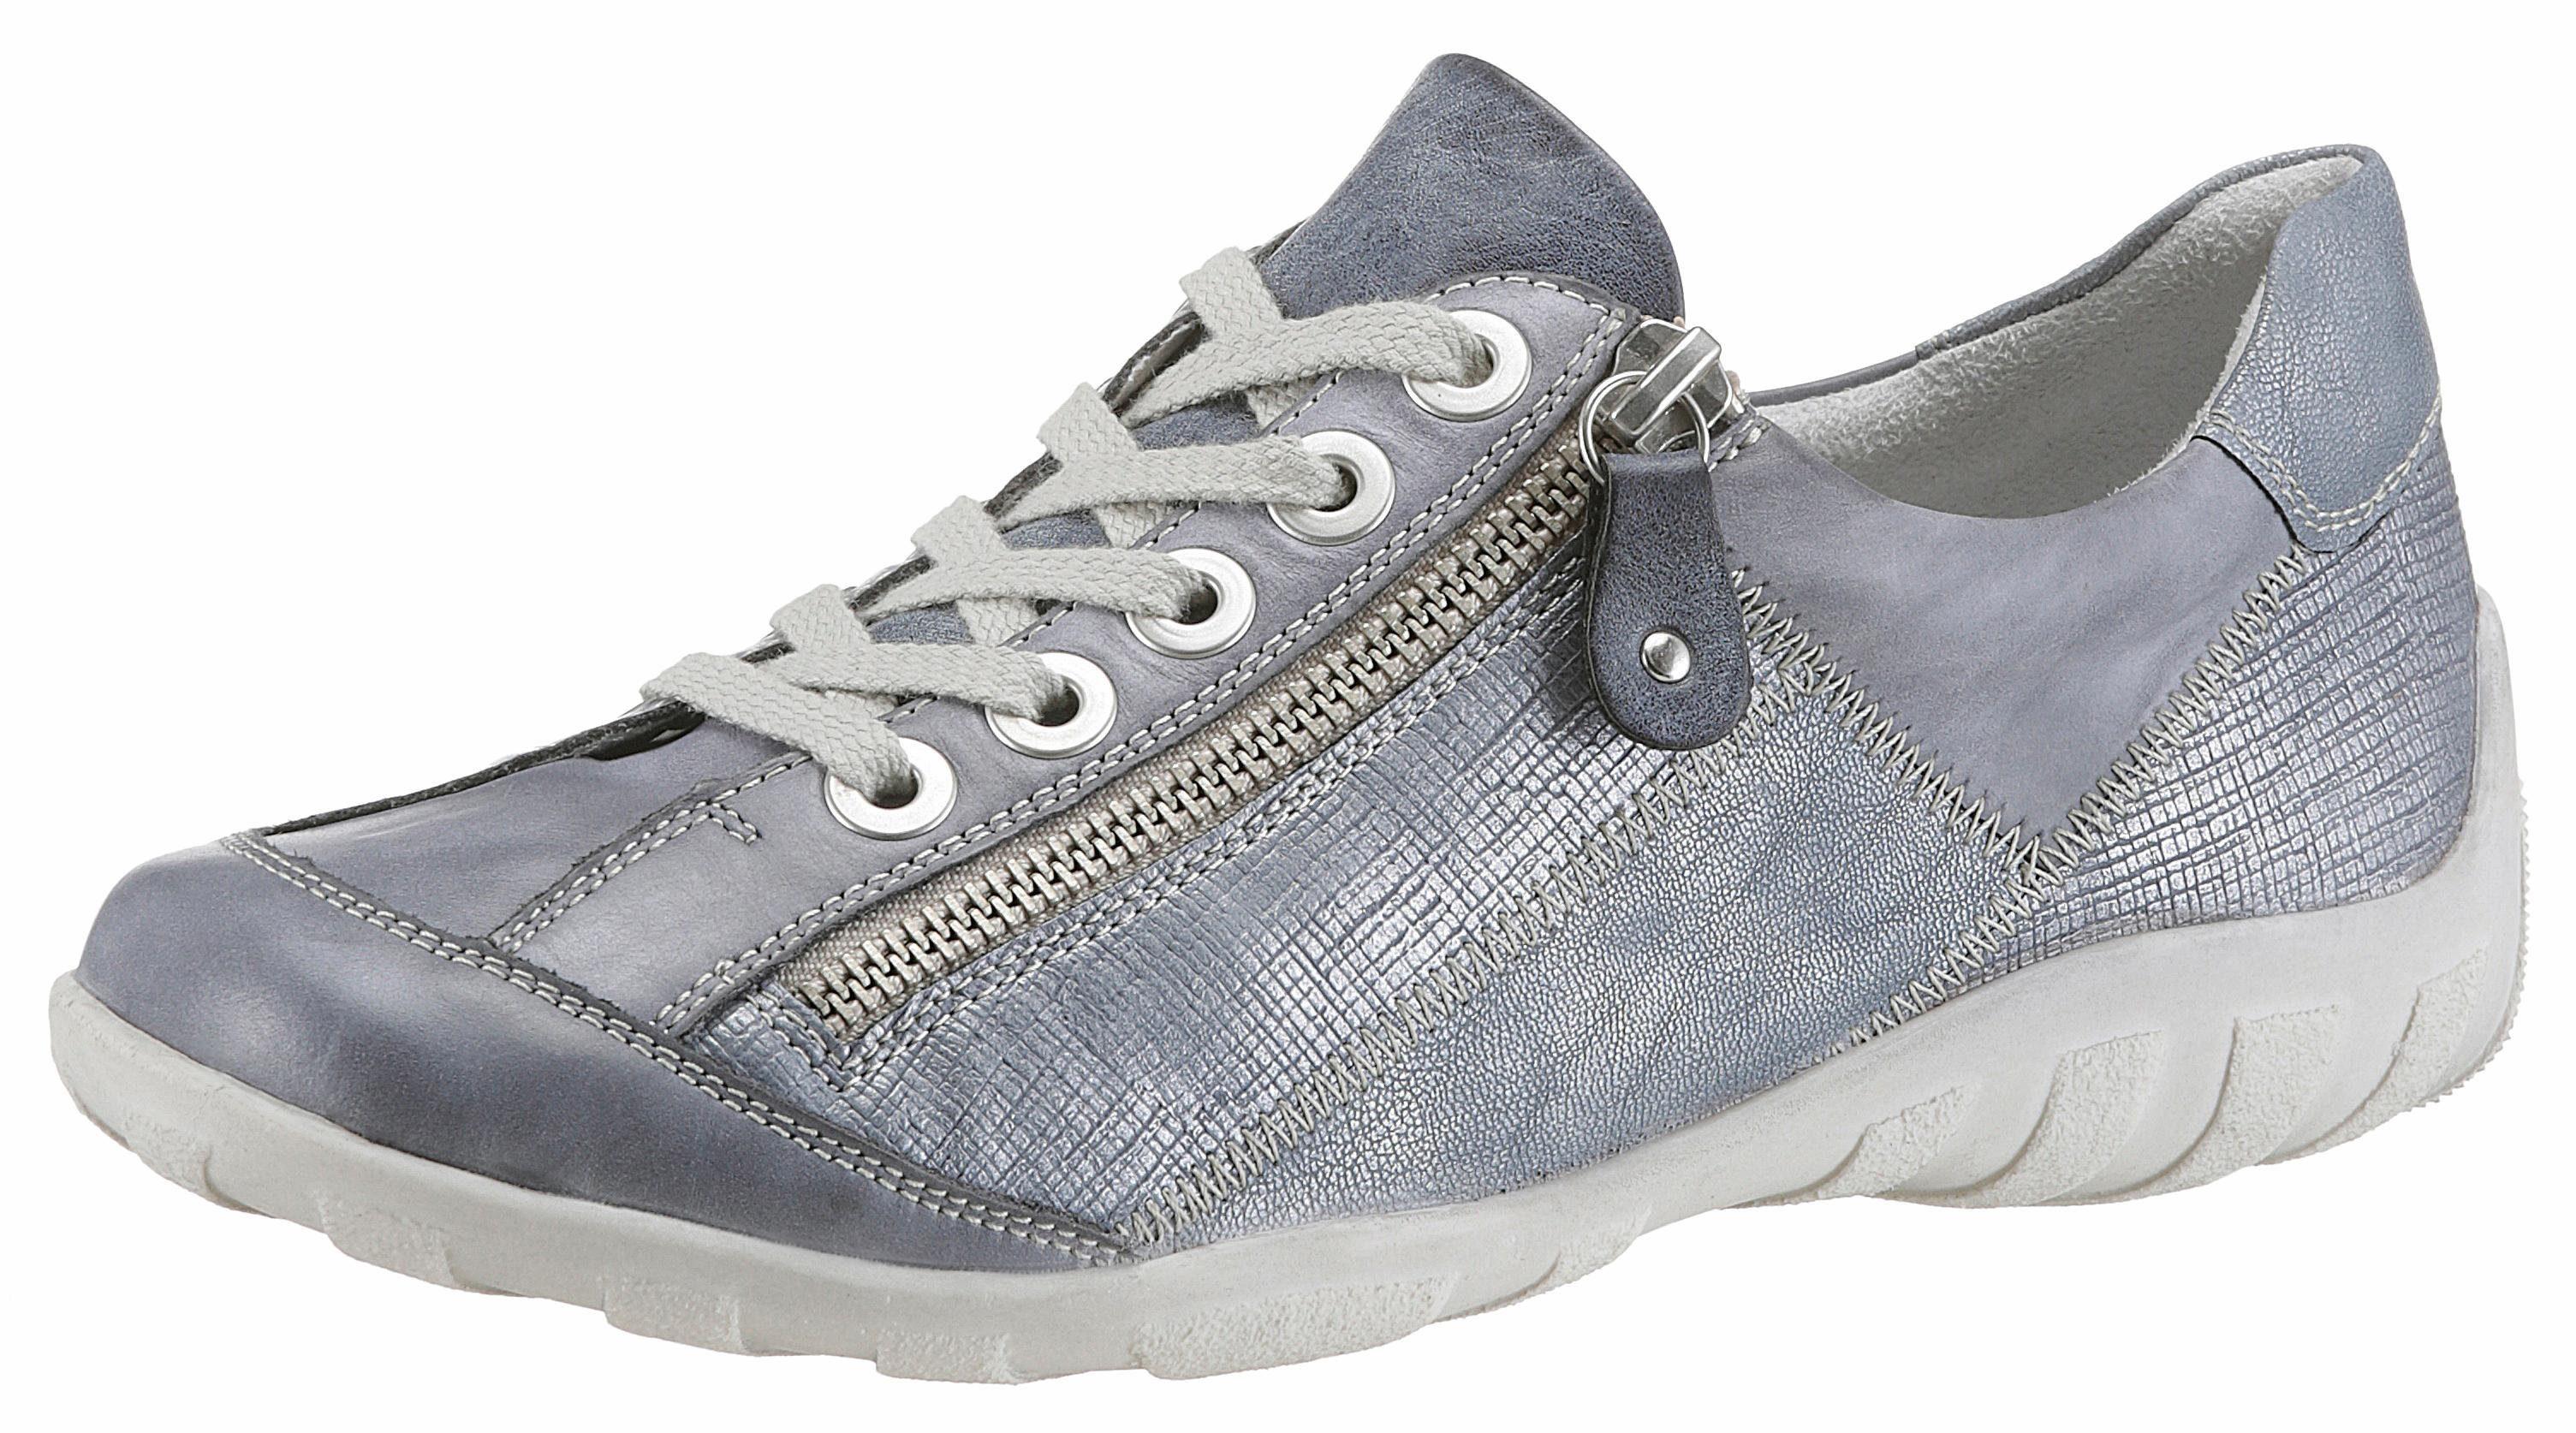 Gabor Sneaker, in Schuhweite G (weit), blau, jeansblau-silberfarben